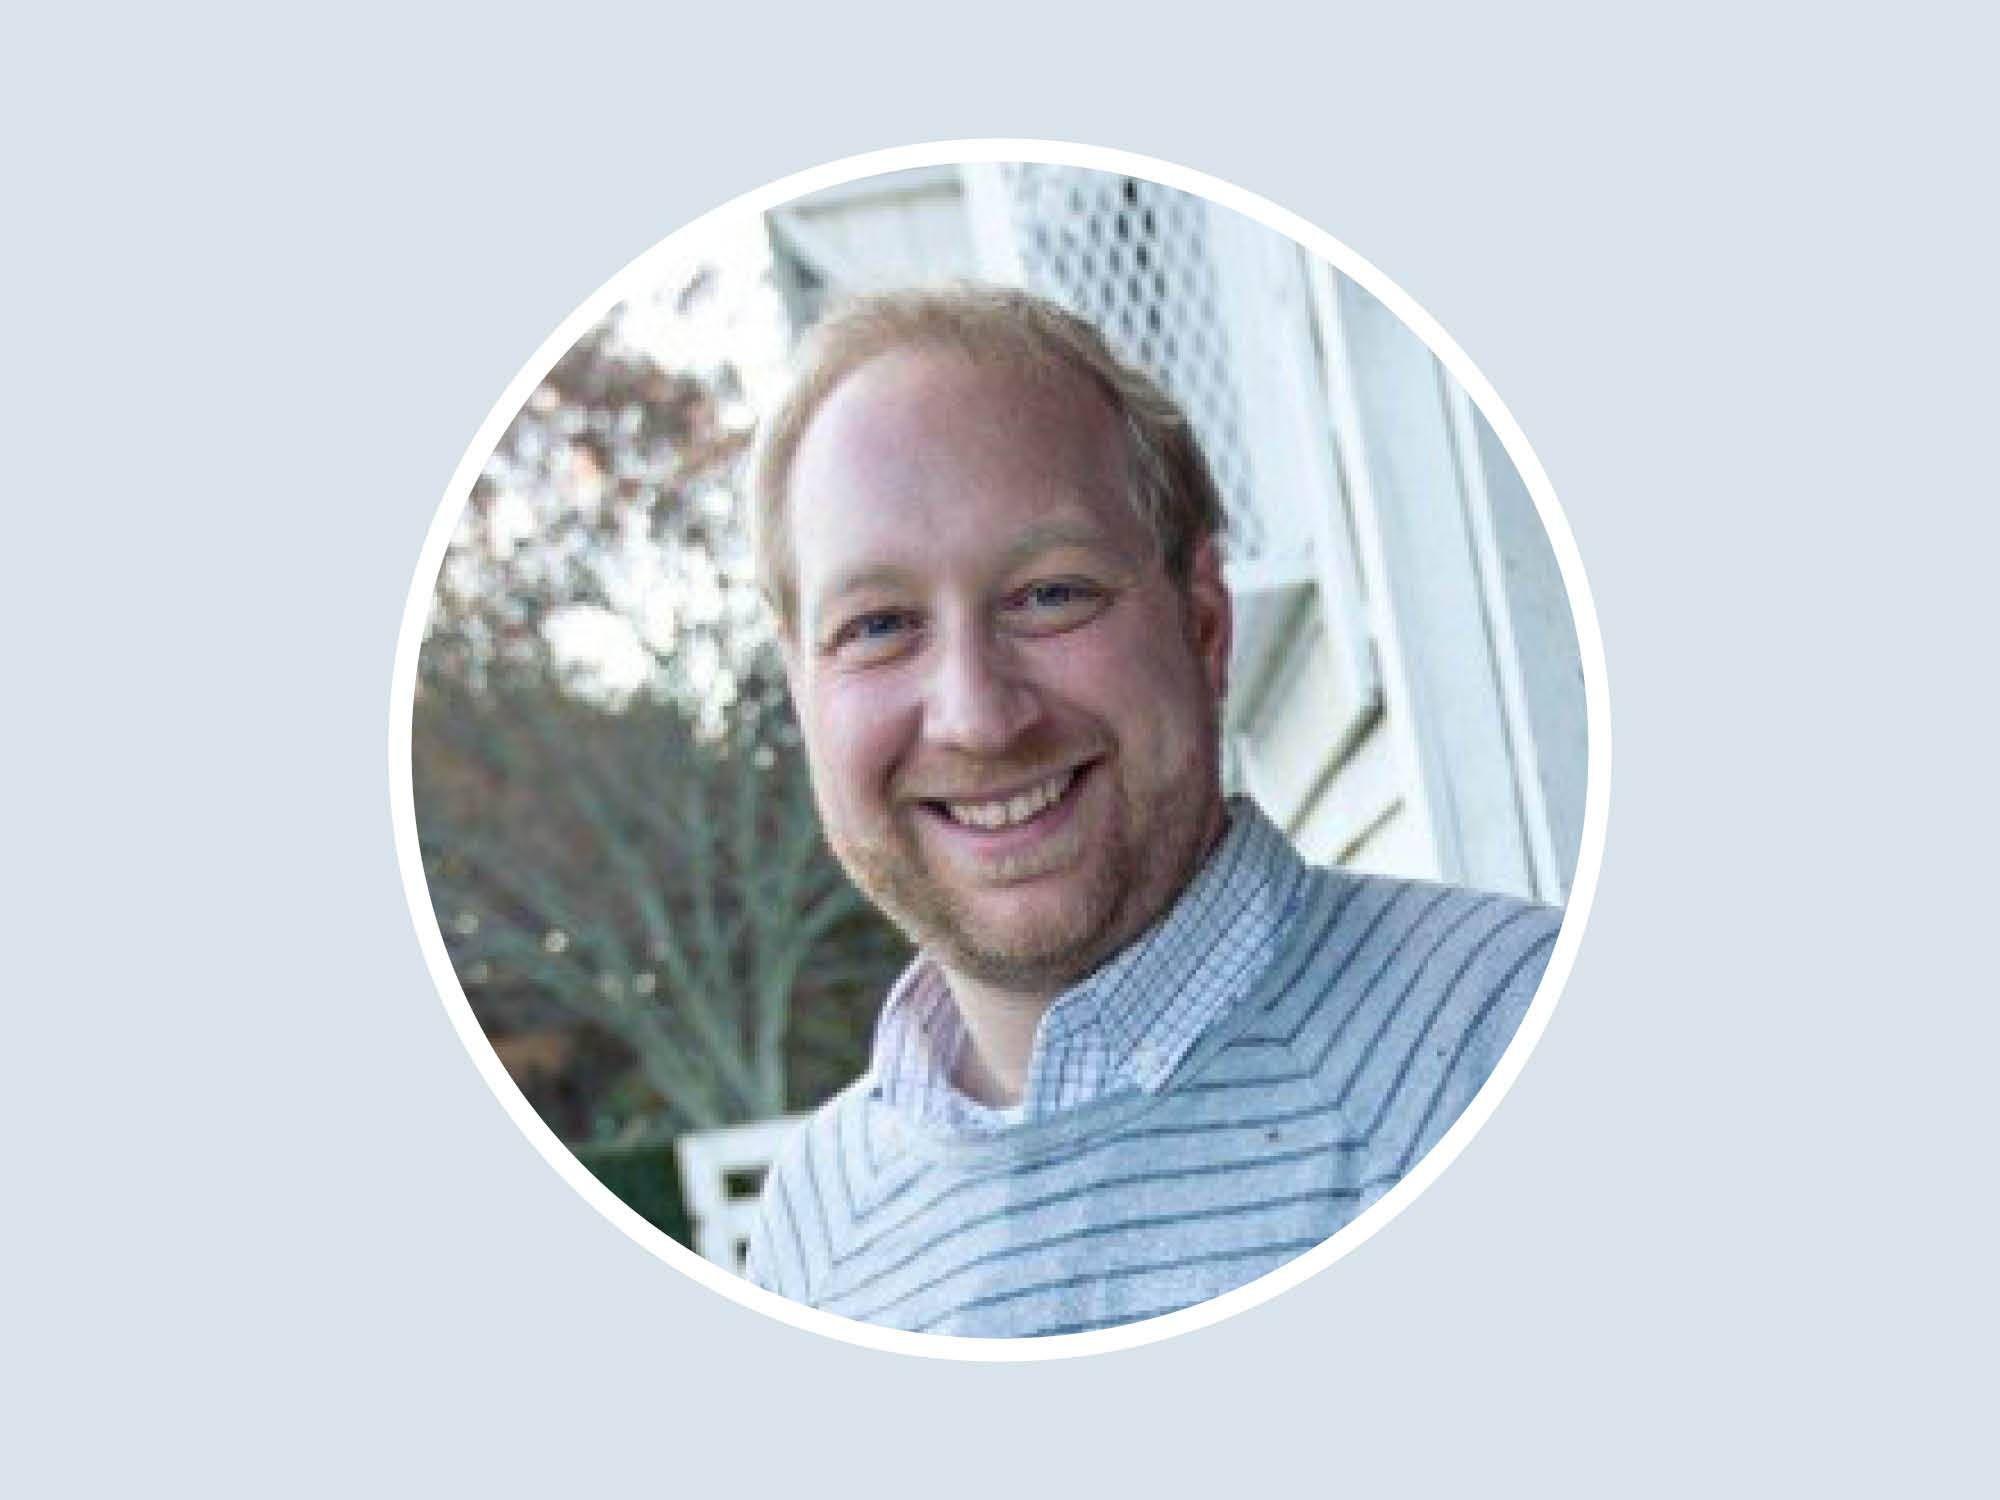 Dr. Ben Chapman